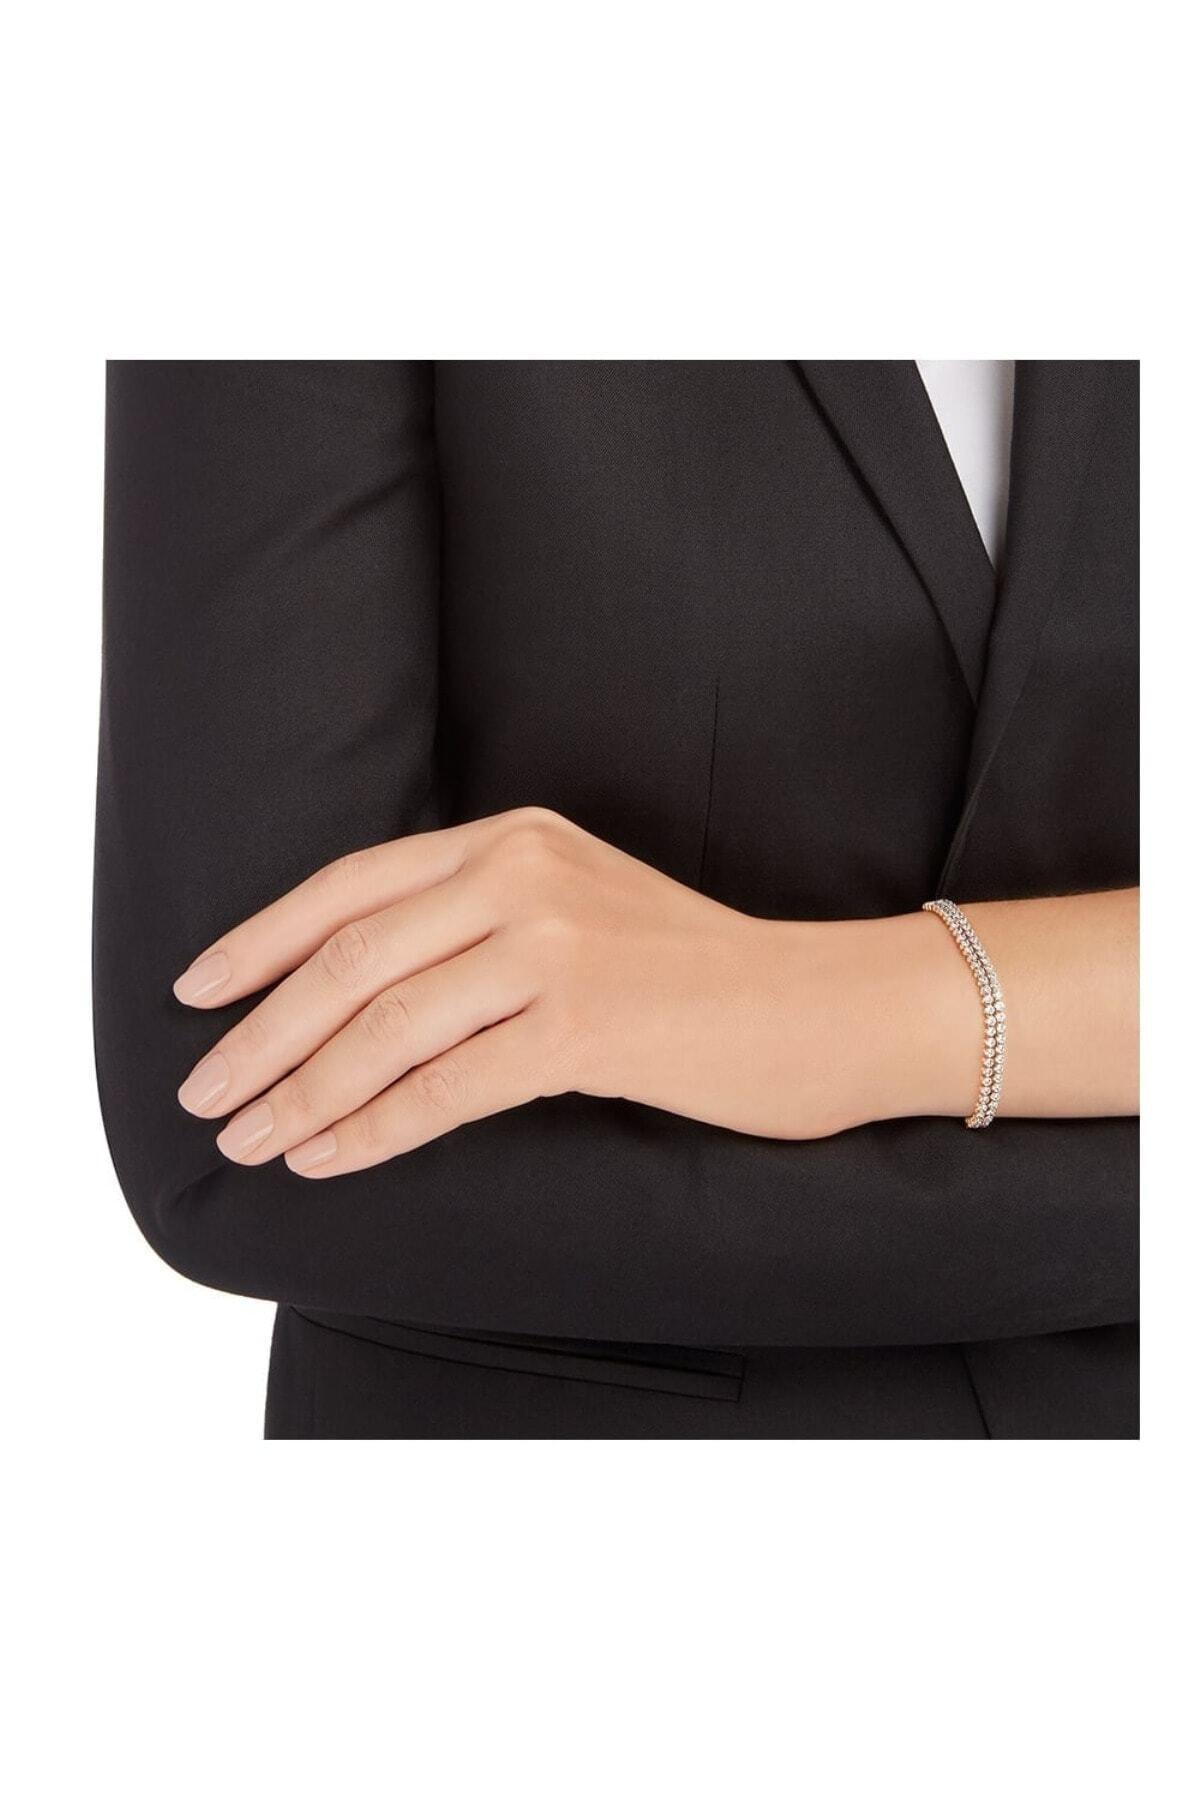 Swarovski Kadın Bilezik Subtle:bracelet Db Czwh/ros M 5224182 2